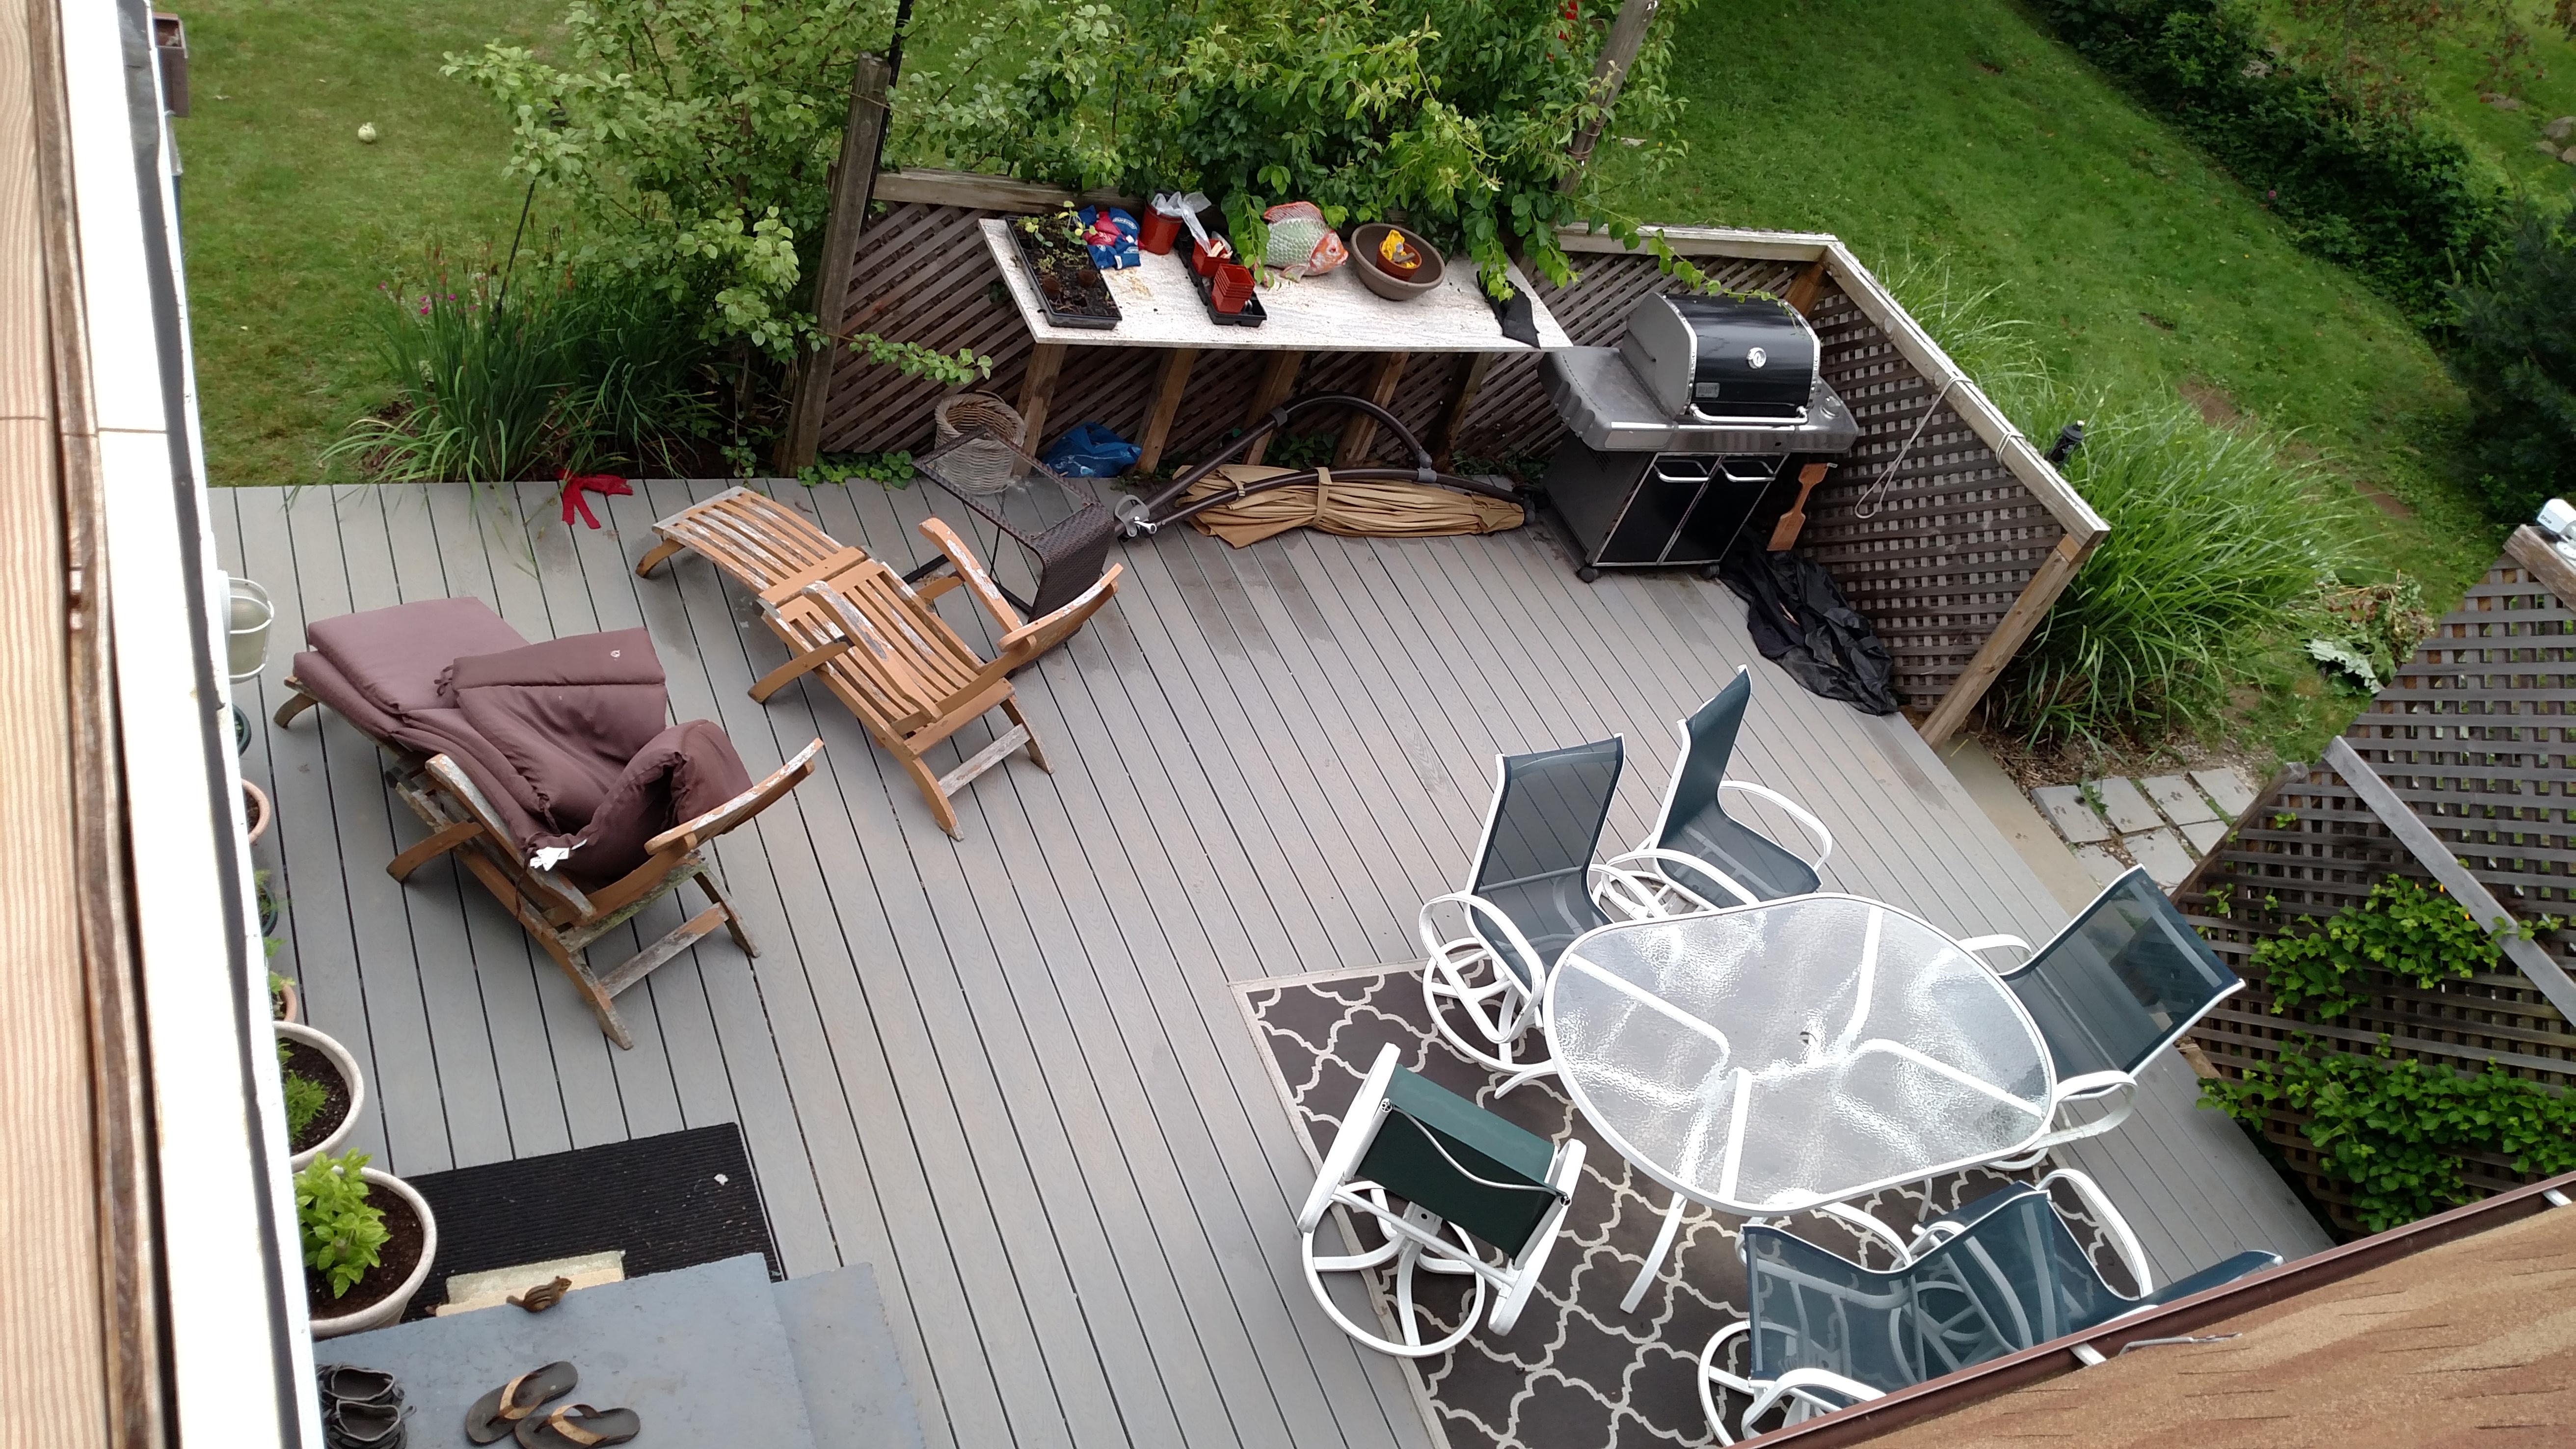 The final deck.